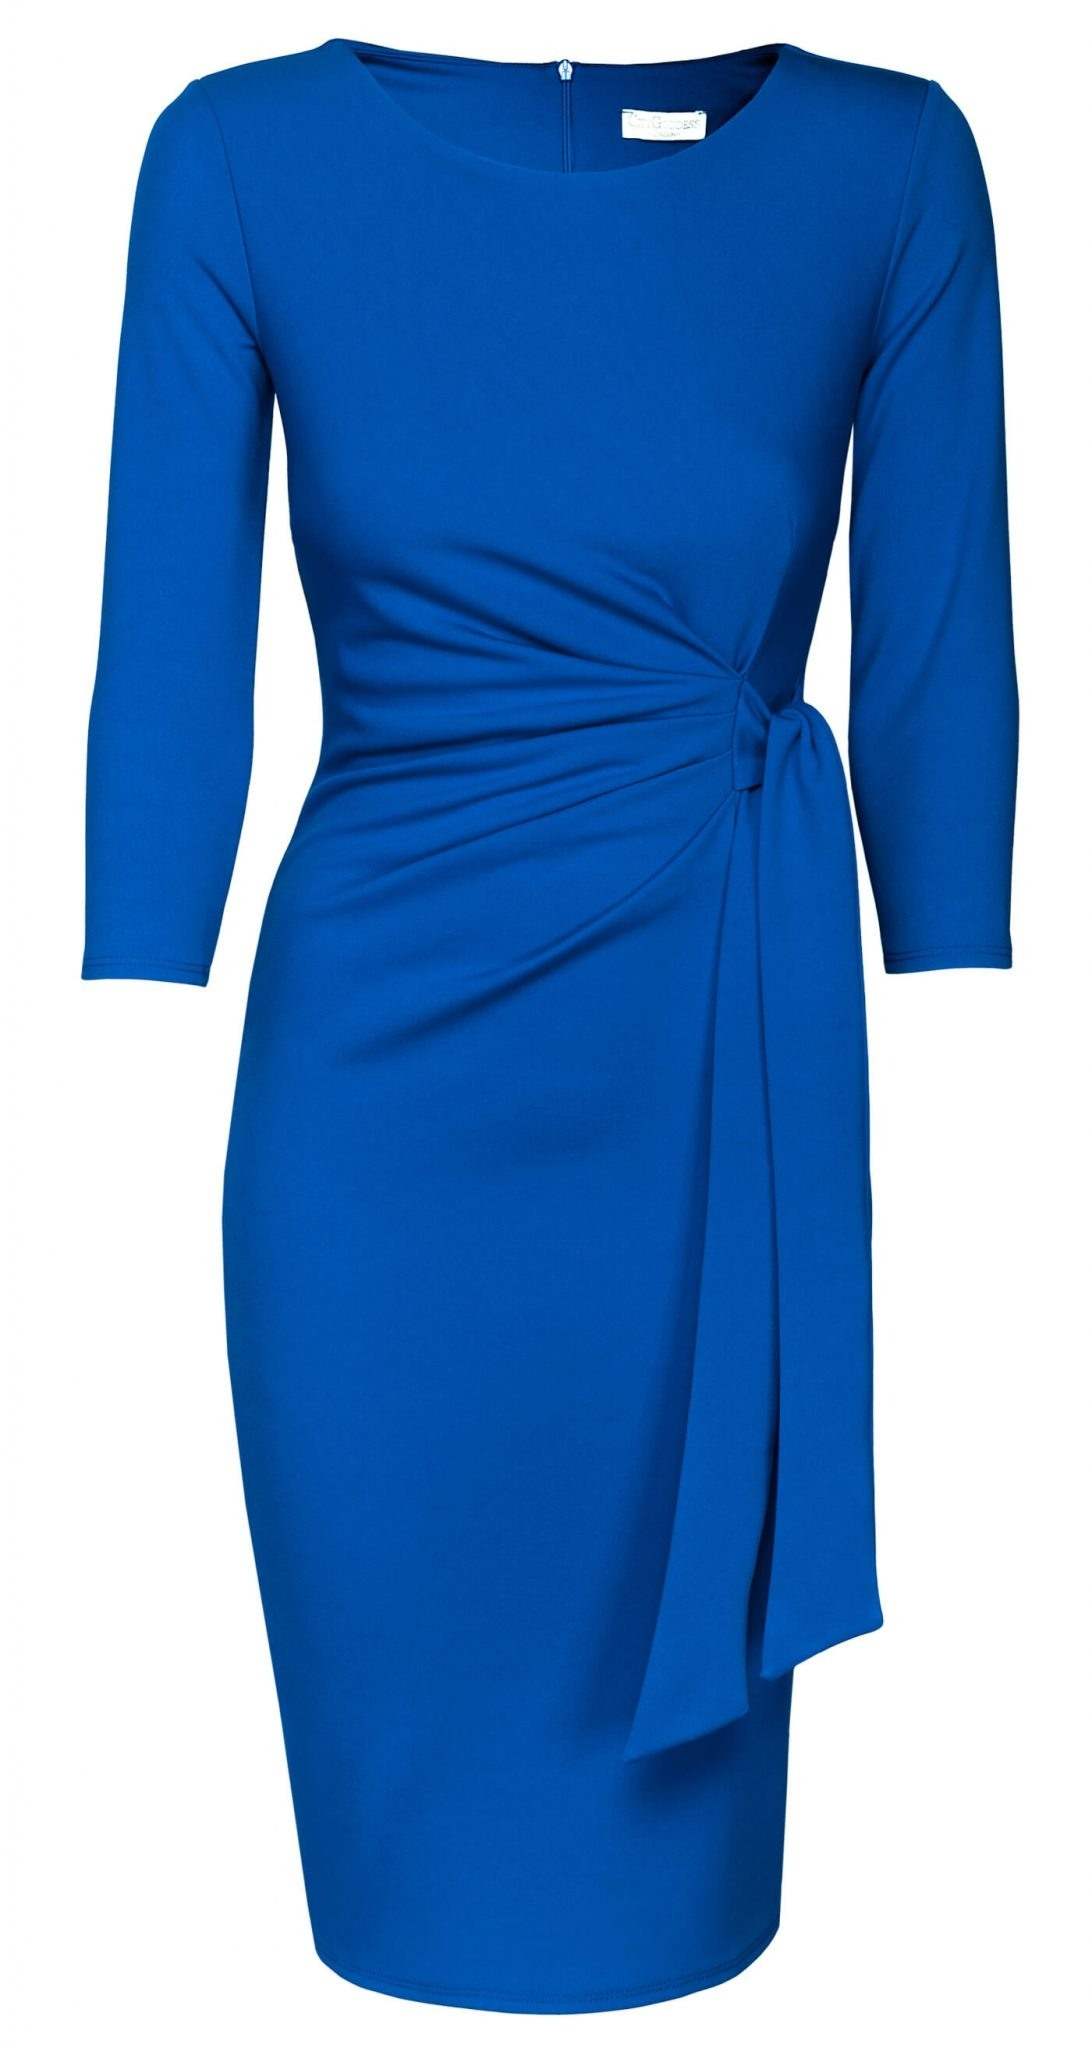 Formal Coolste Kleid Royalblau Design17 Schön Kleid Royalblau Bester Preis